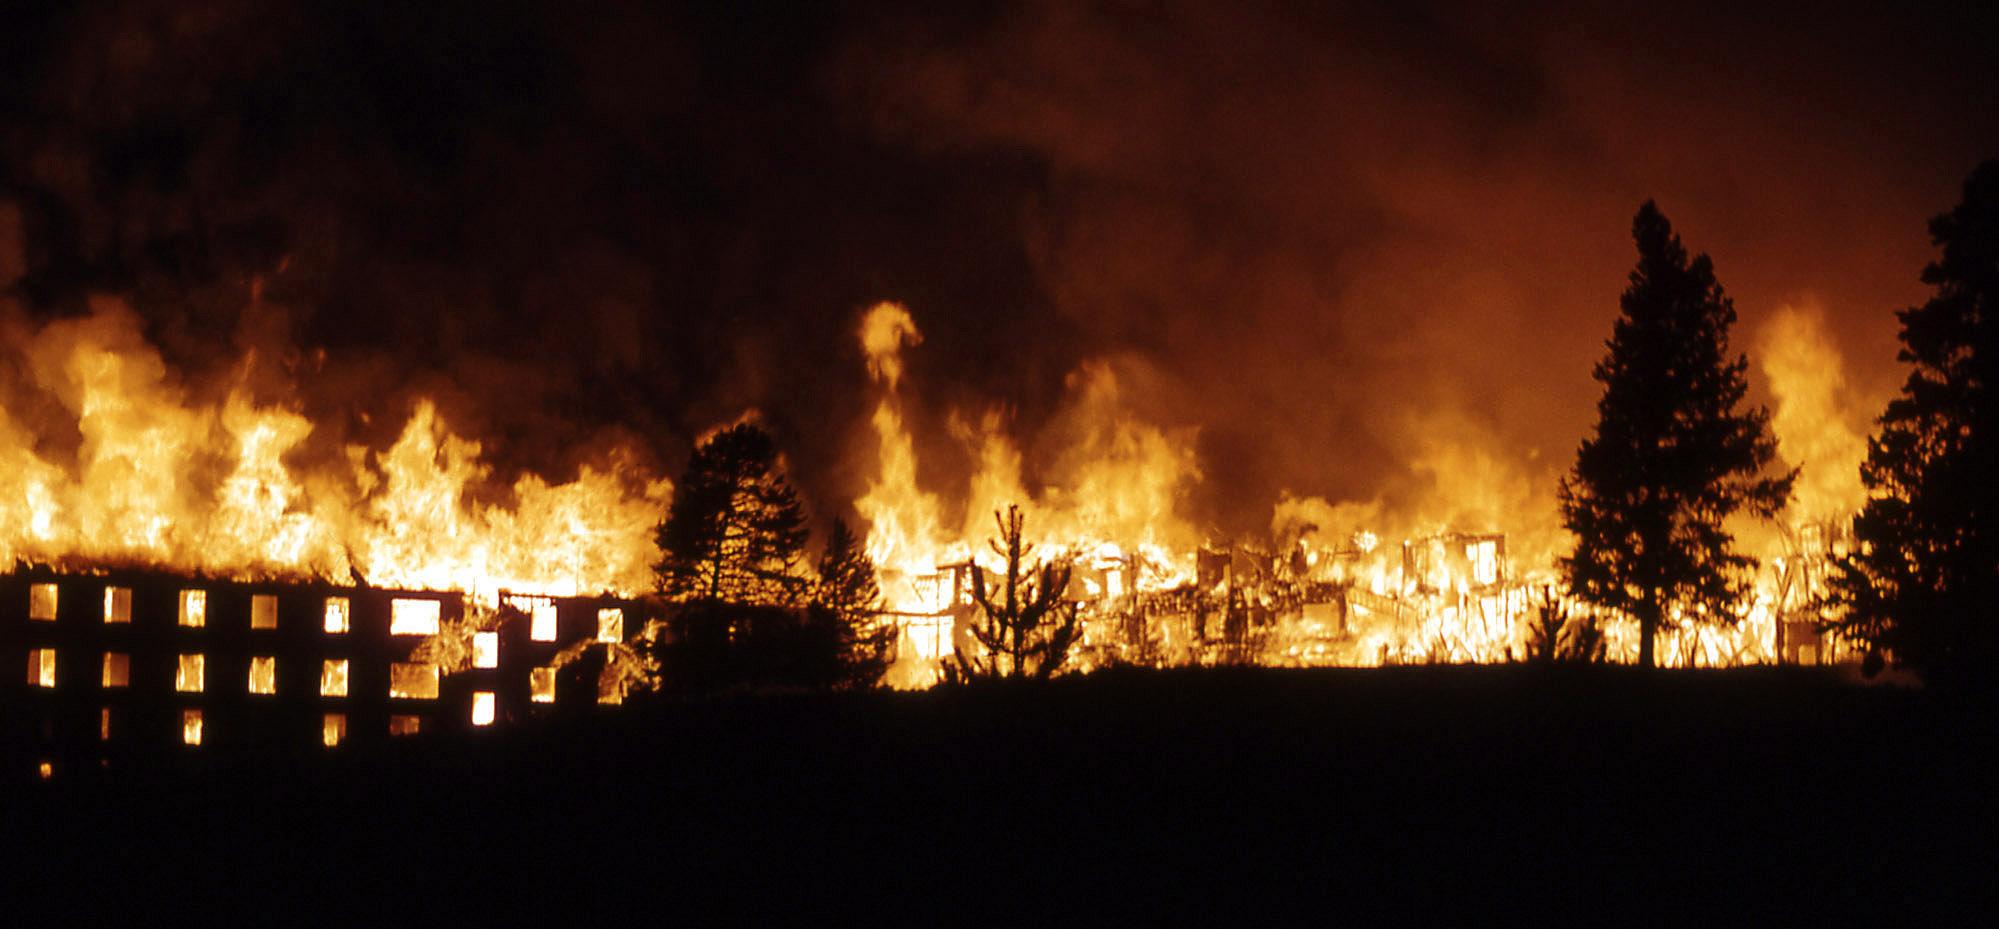 Destruction Of Property Valued Over